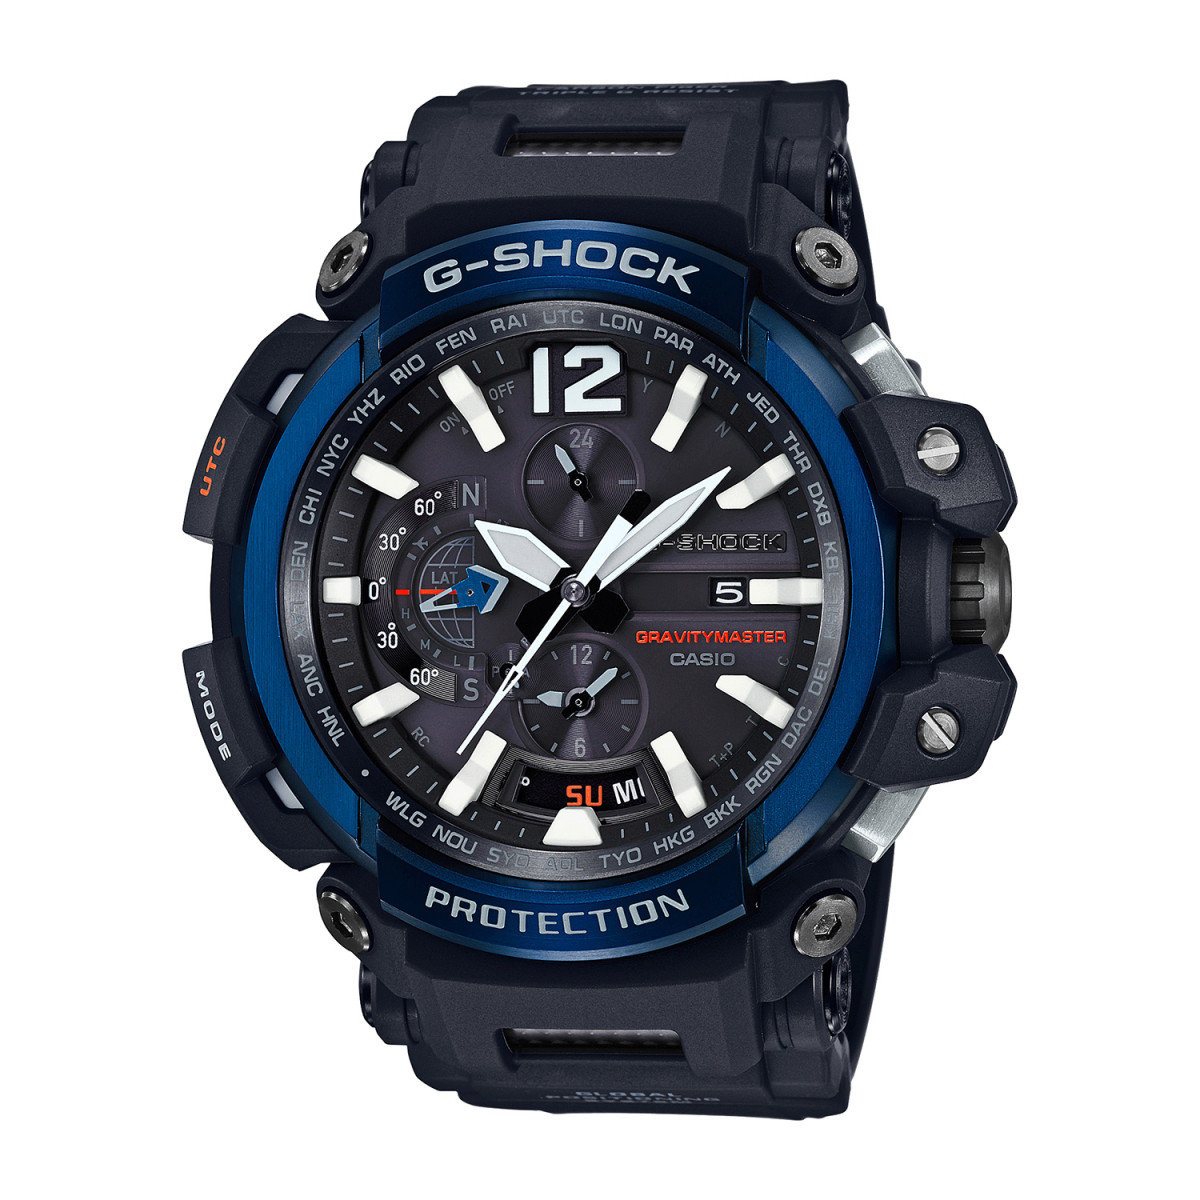 Montre Homme CASIO G-SHOCK GravityMaster - GPW-2000-1A2ER